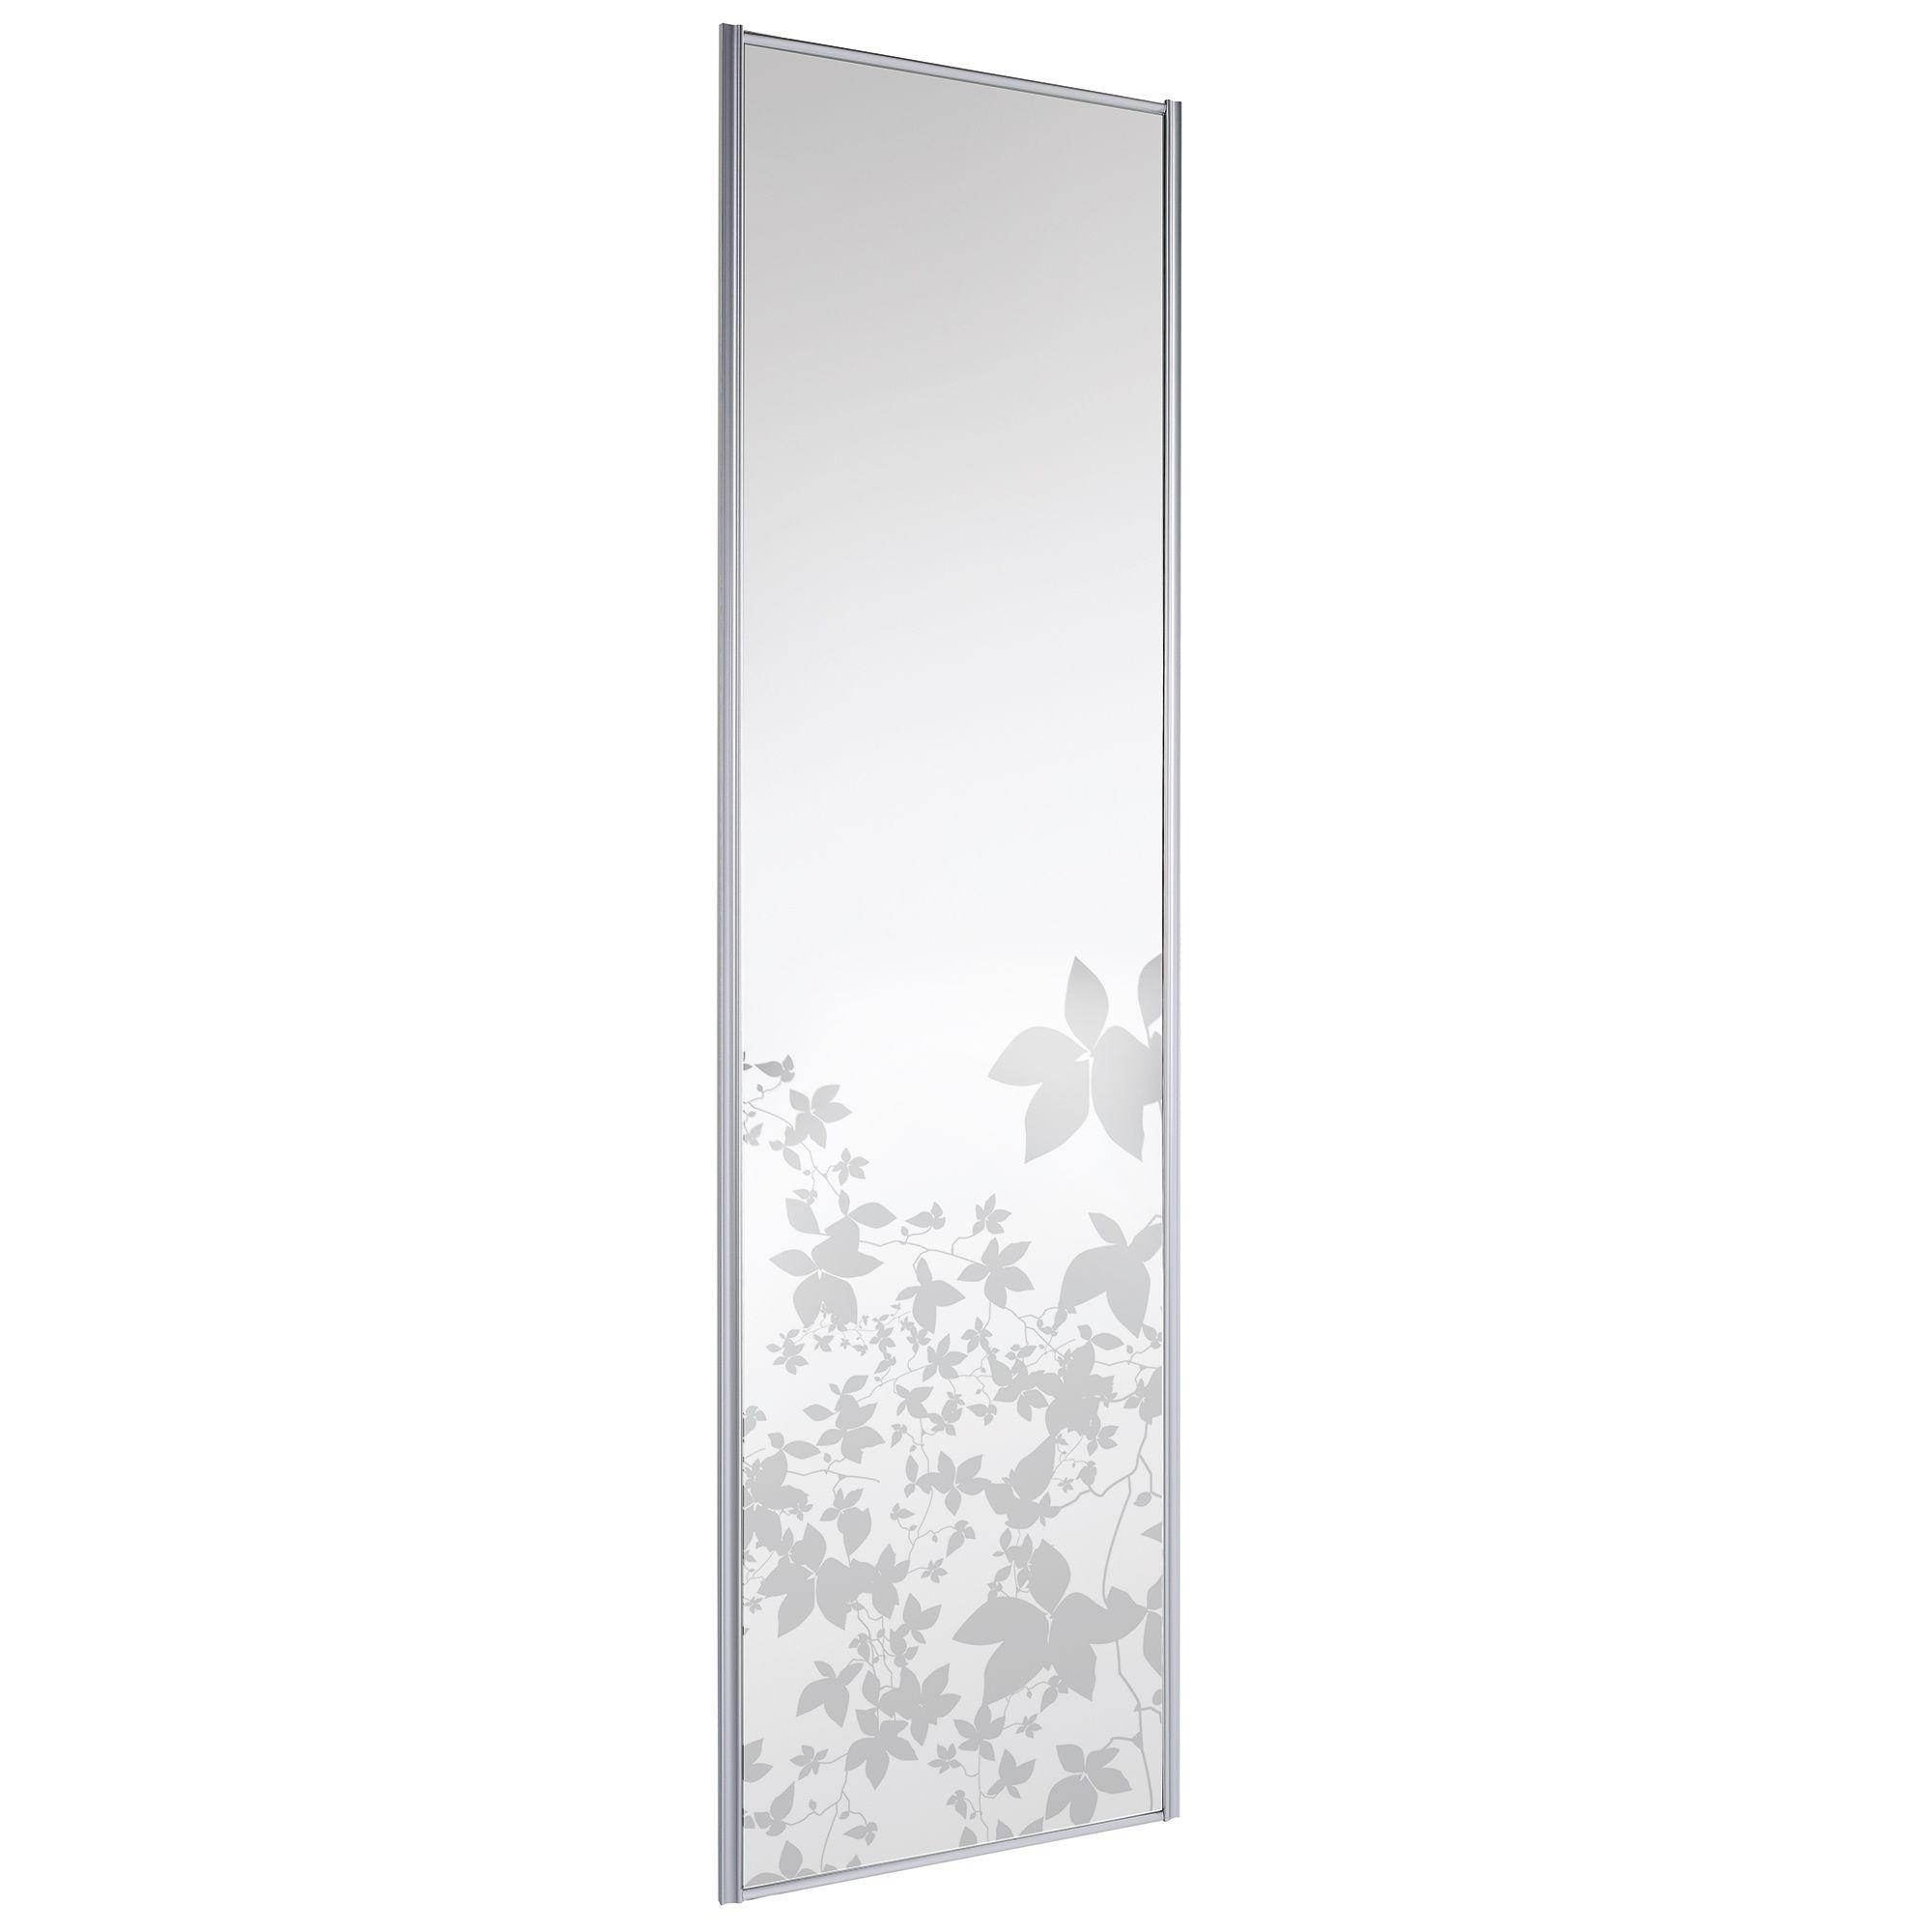 Full Length Mirror Mirror Sliding Wardrobe Door H 2220 Mm